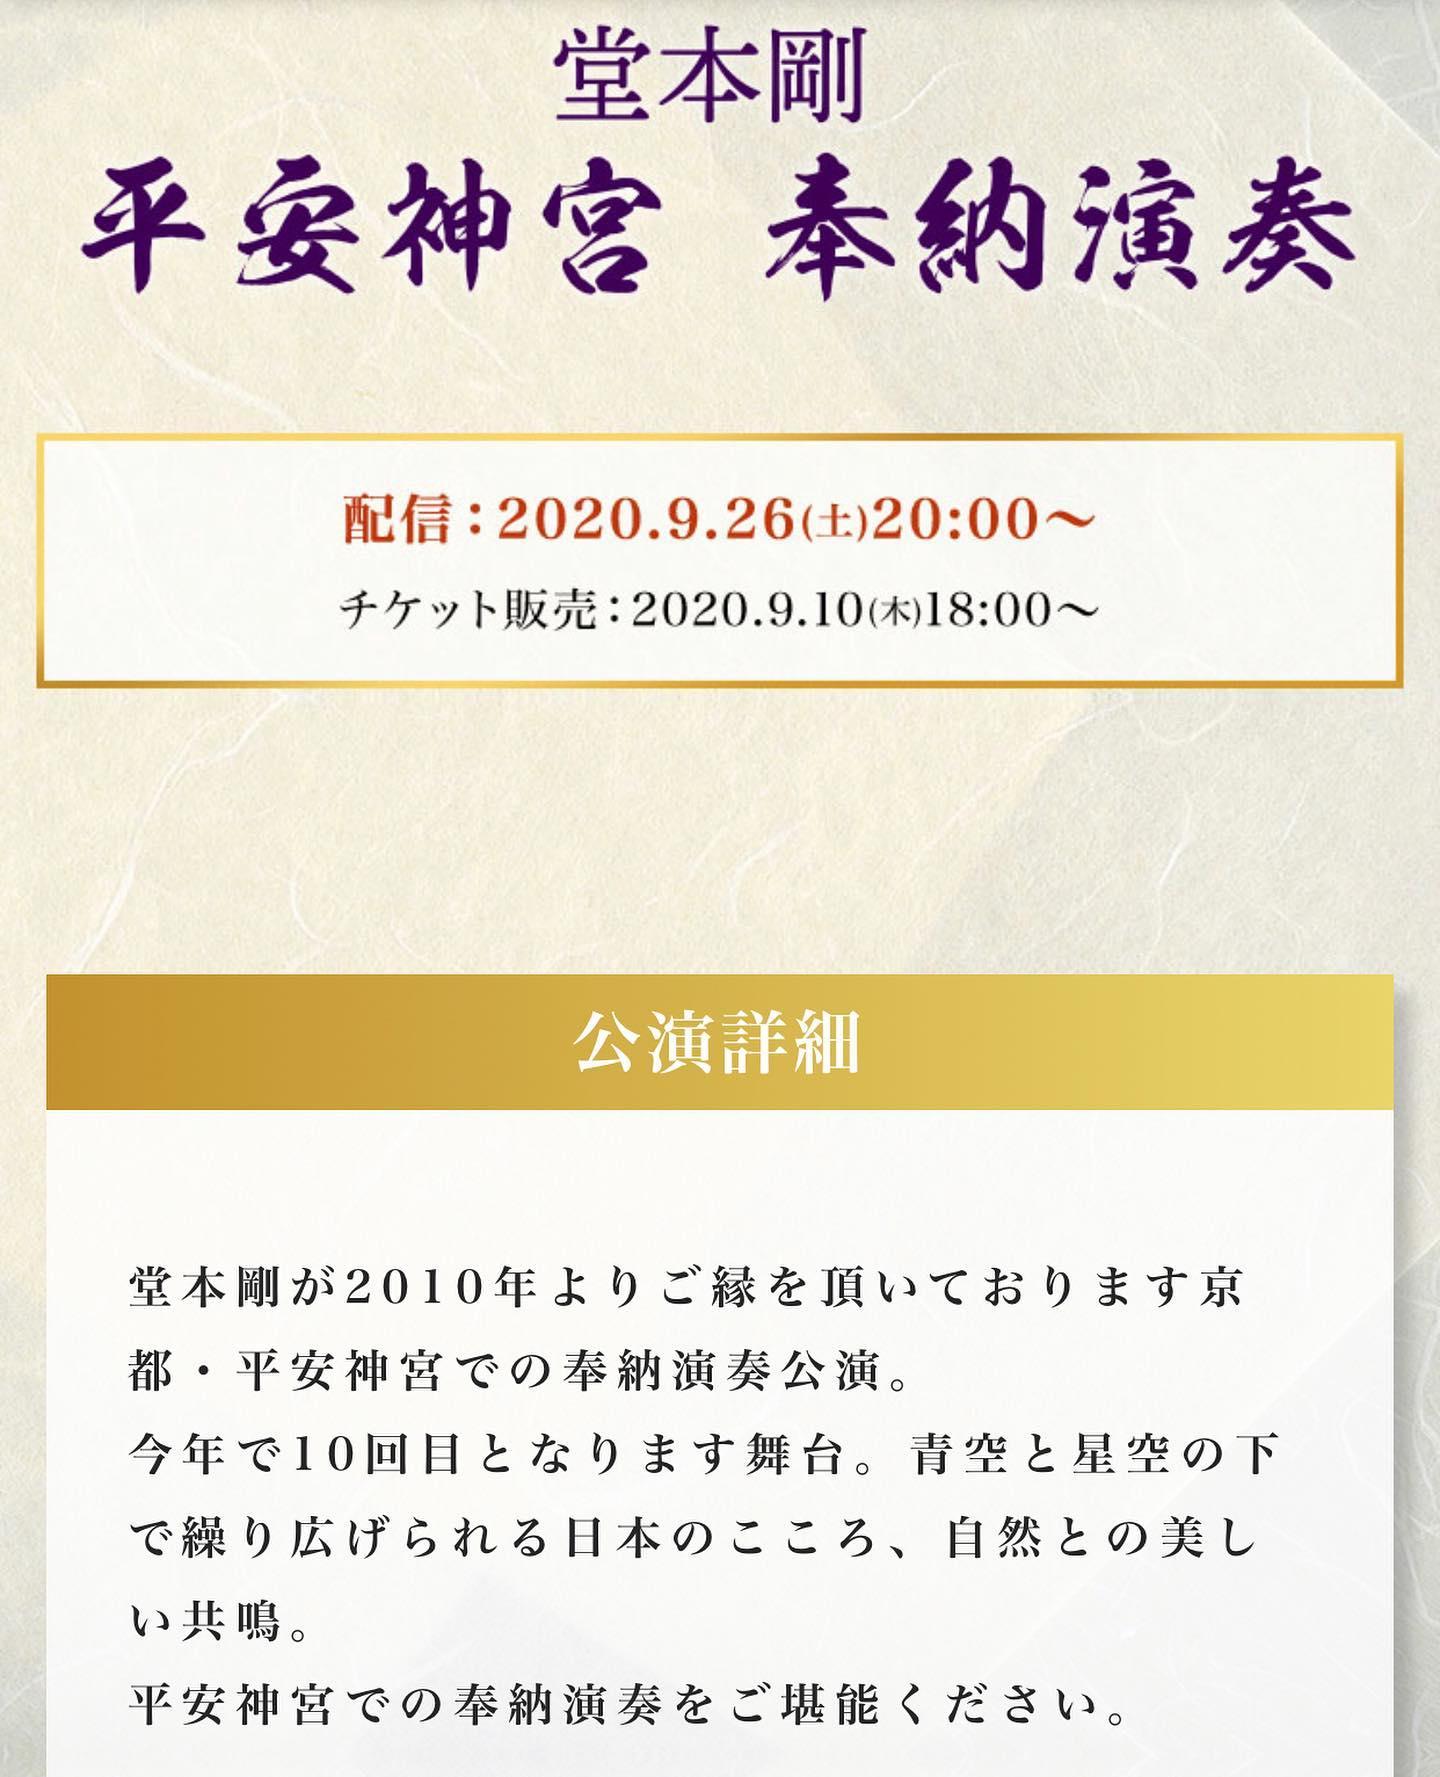 フェイスゴスペル代表katsuが堂本剛氏の配信コンサートでコーラスメンバーとして参加した際の宣伝